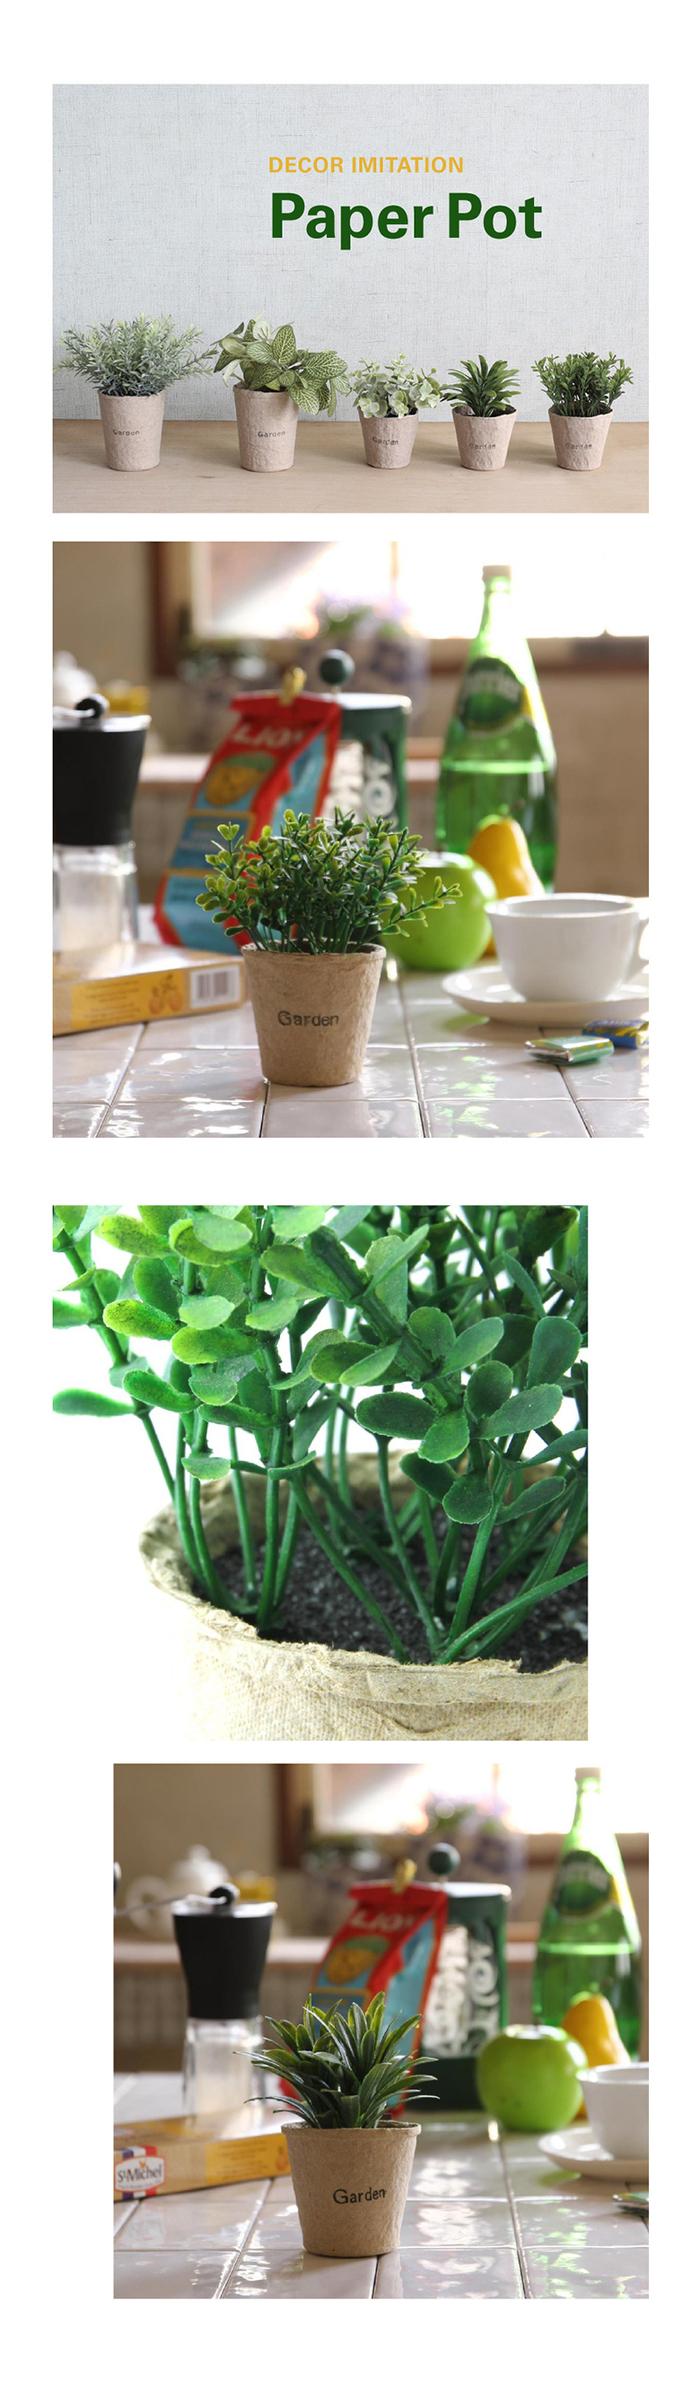 (複製)(複製)SPICE 日本超仿真 人造綠色植物 -多肉植物(玻璃盆栽D)